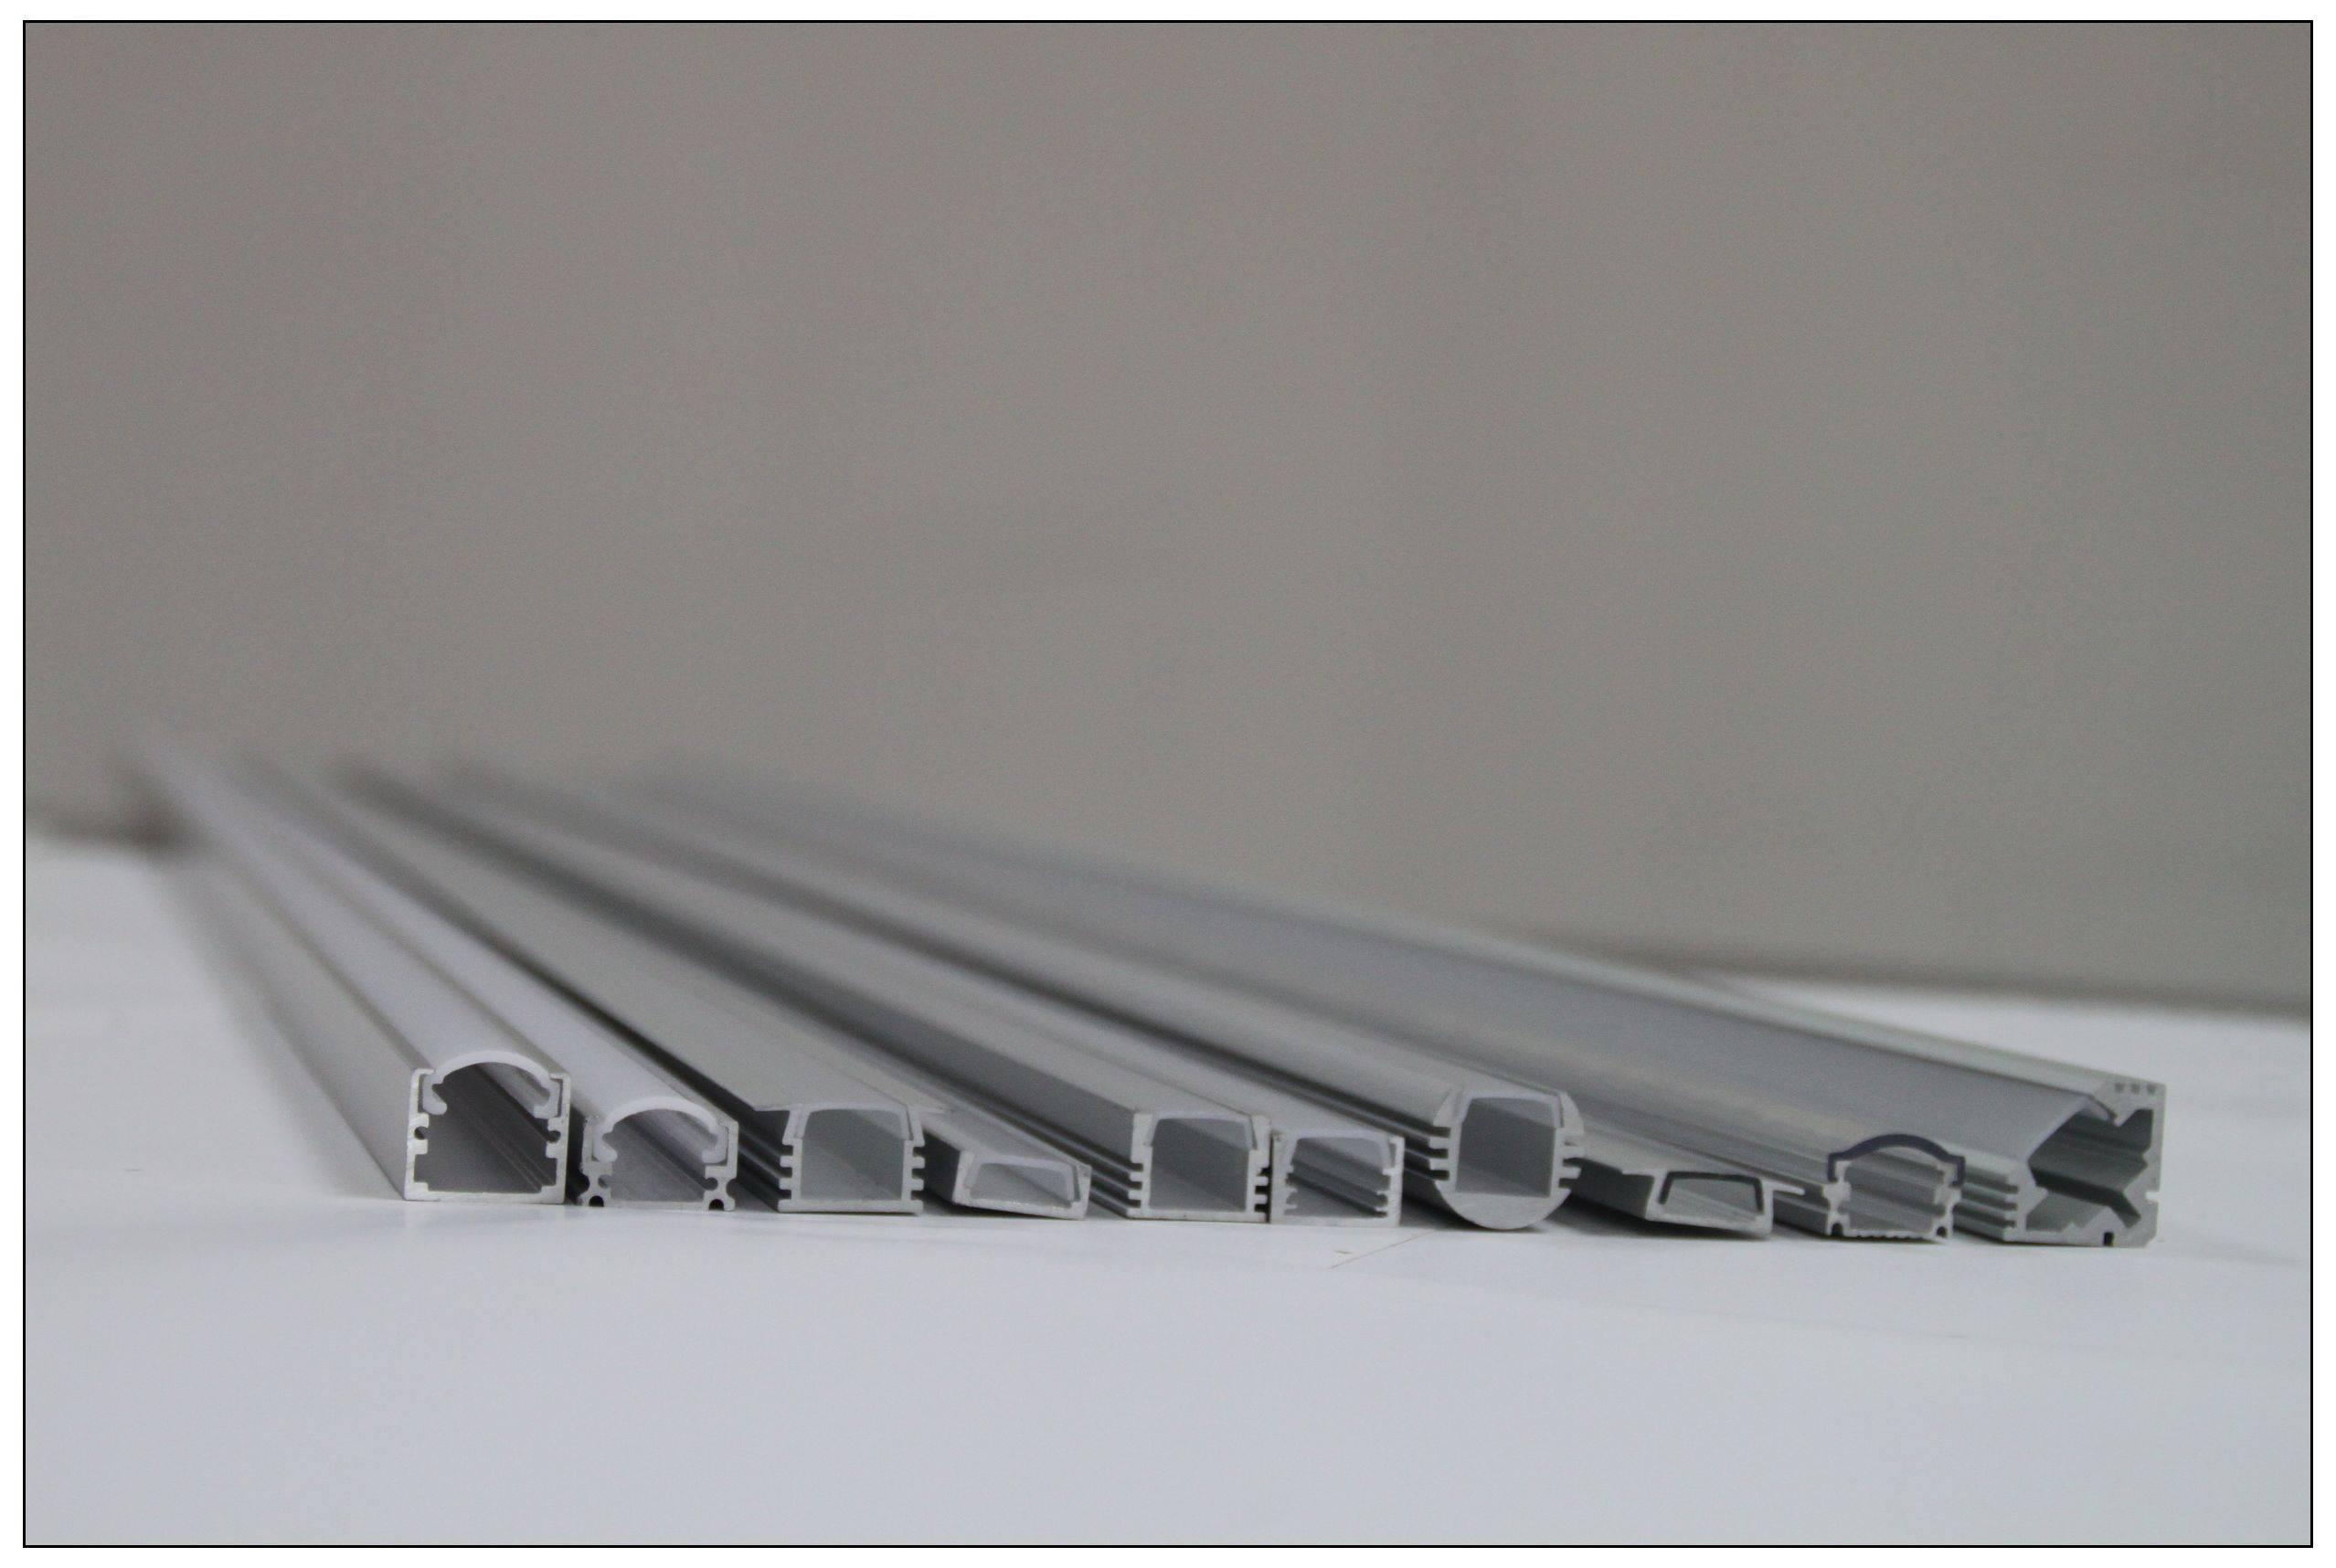 aluminum profile for led strip huareal led. Black Bedroom Furniture Sets. Home Design Ideas